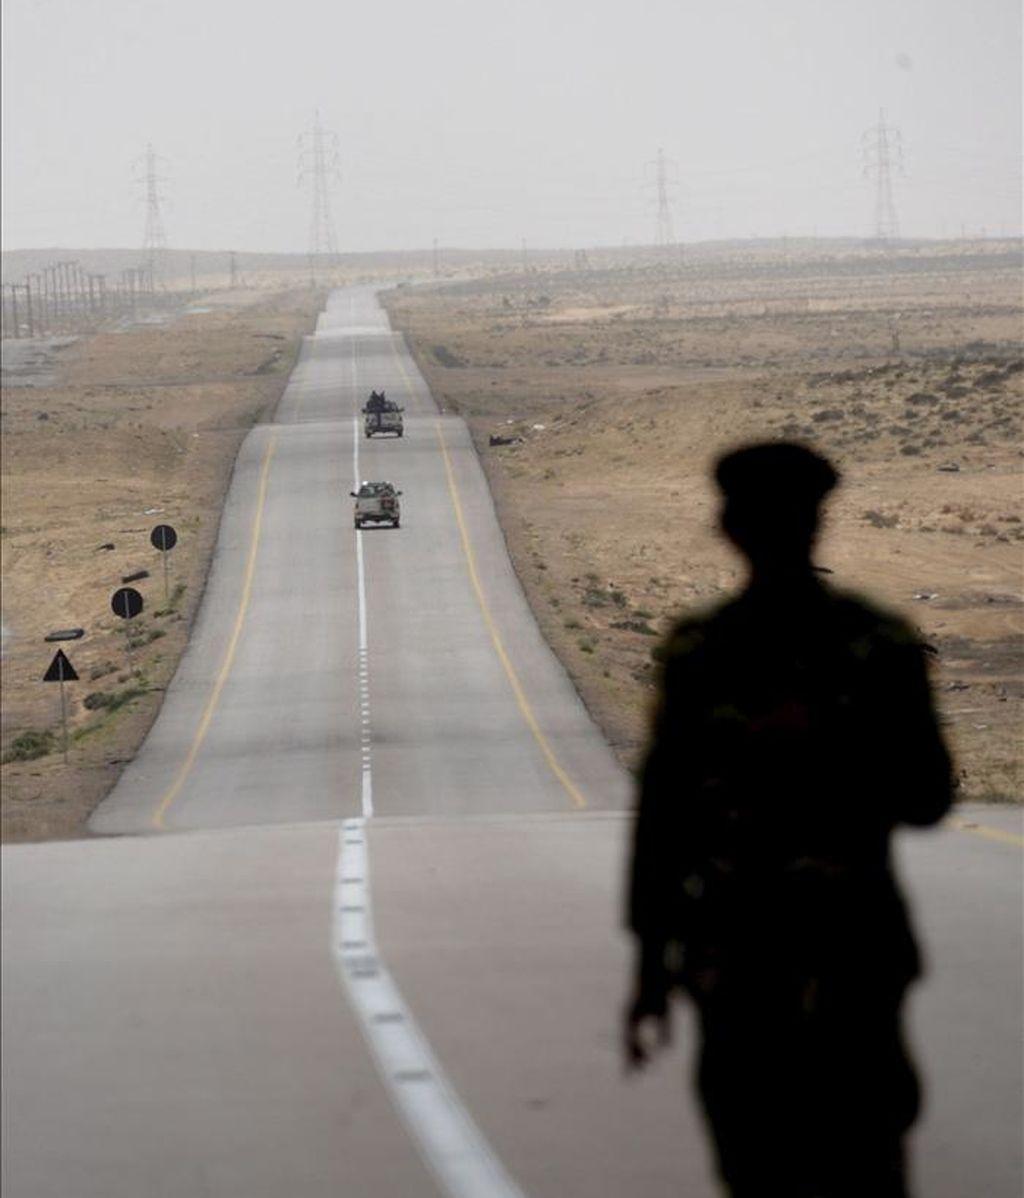 Un soldado rebelde libio observa una carretera cerca de la línea de combate entre Ajdabiya y Brega, en Libia. Los rebeldes libios que intentaban retomar el noroeste del puerto petrolero de Brega fueron replegados hacia la ciudad de Ajdabiya por las fuerzas leales a Gadafi. EFE